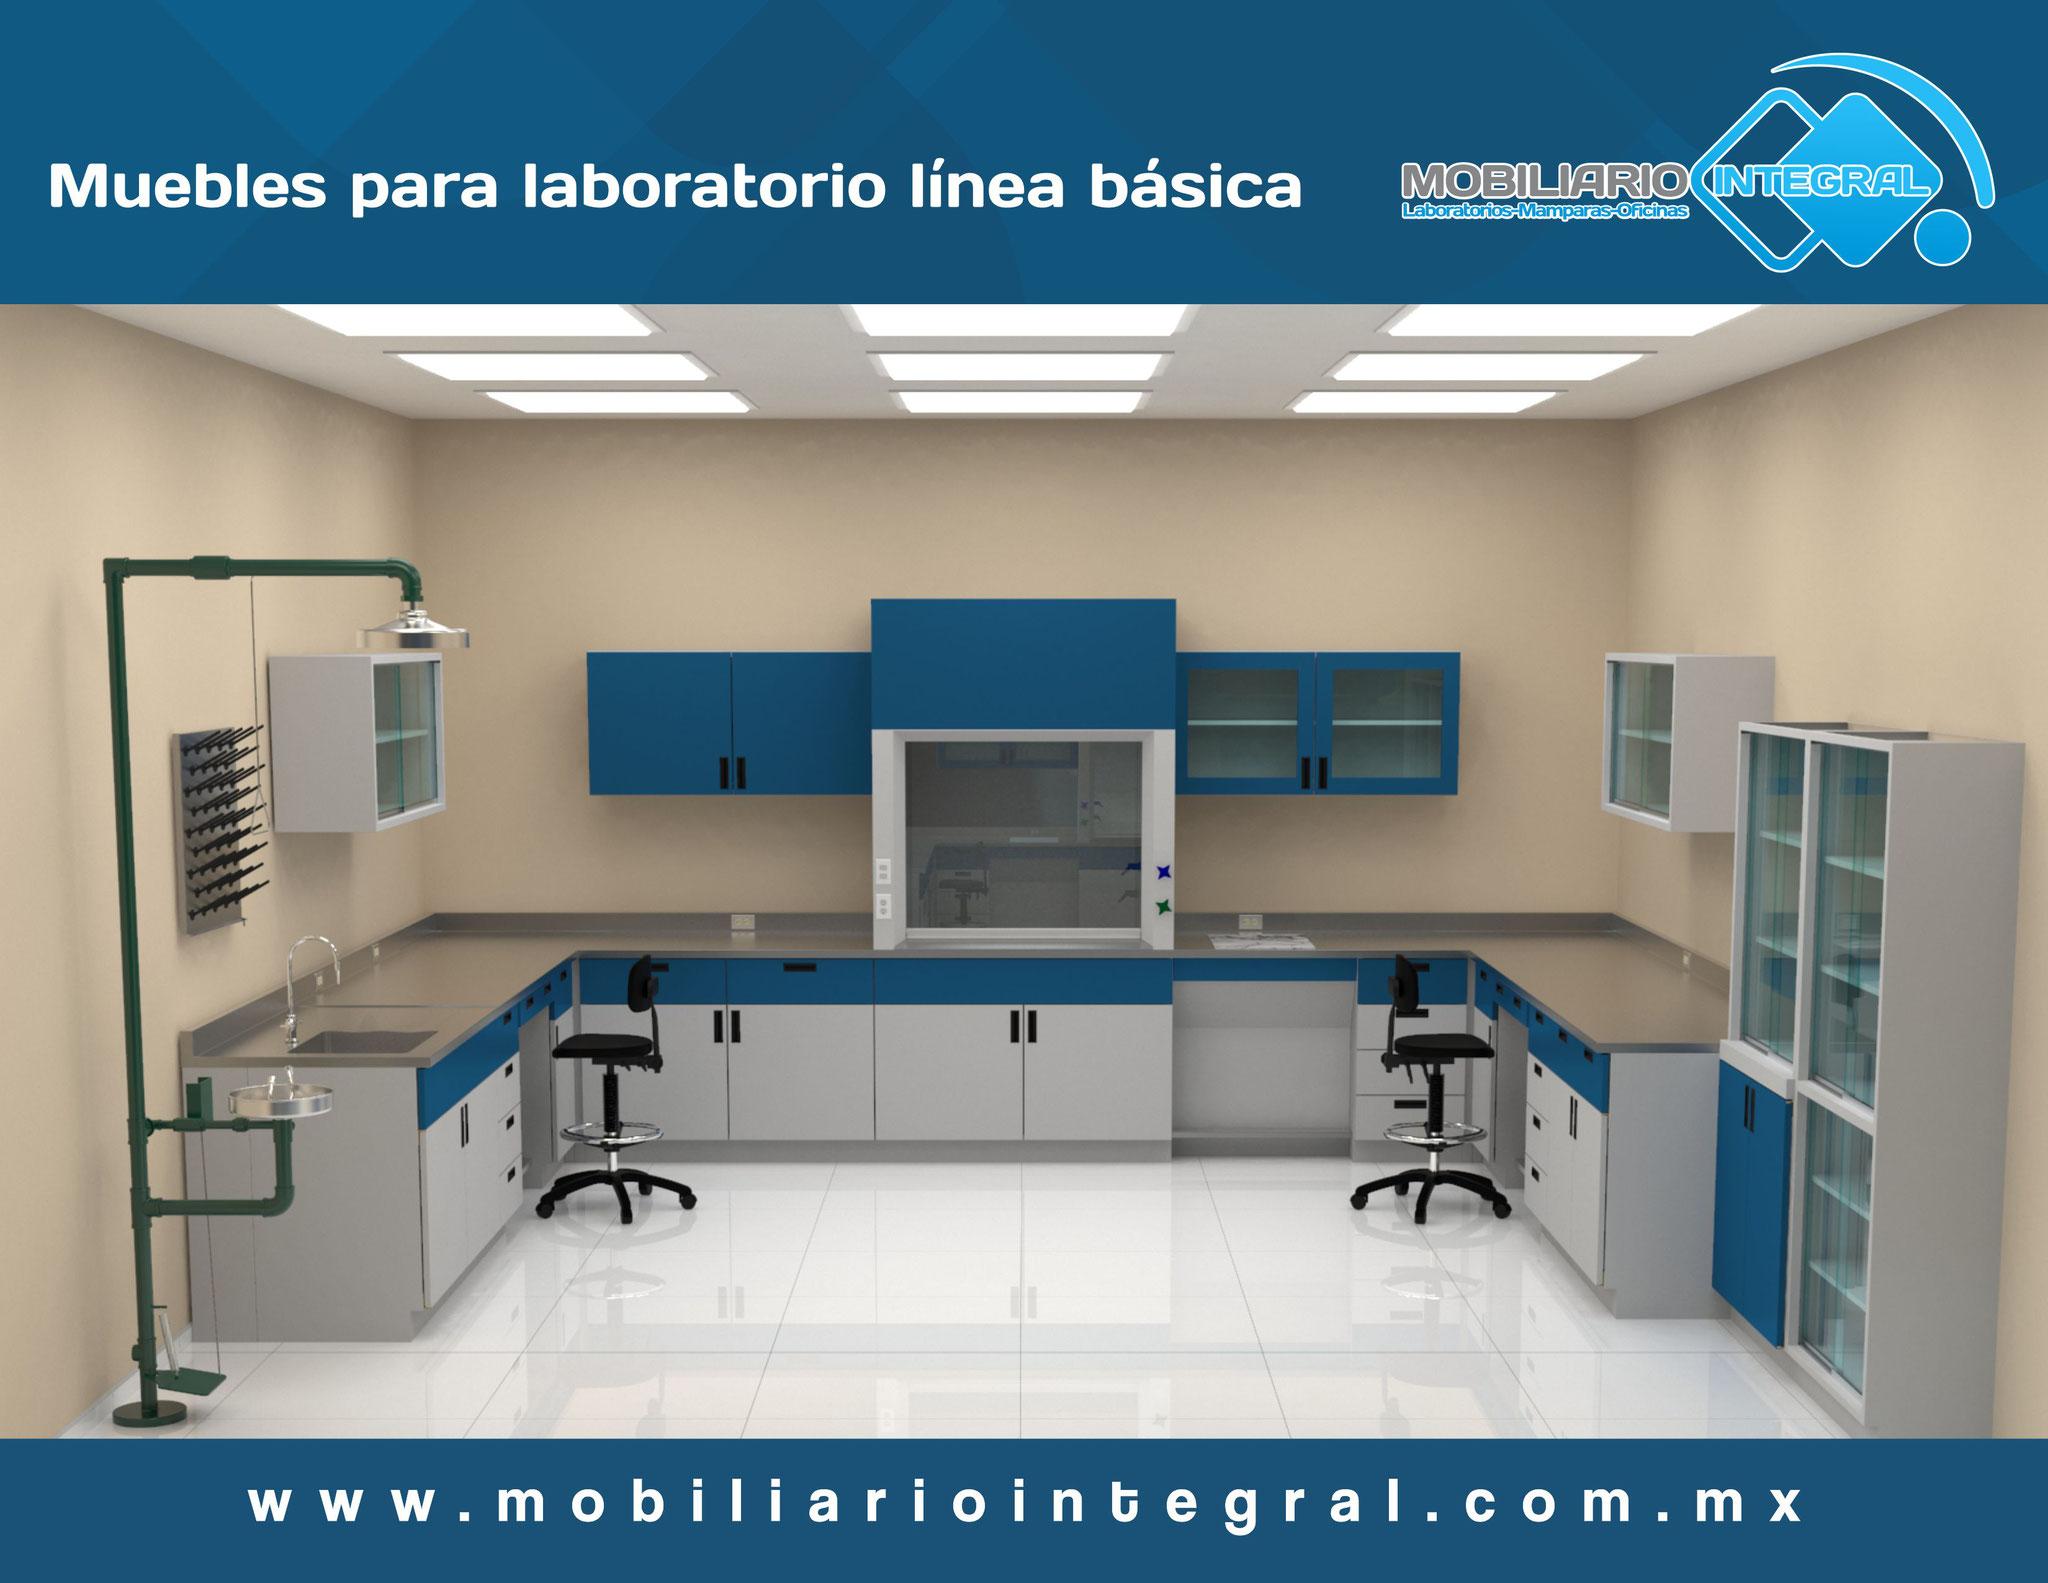 Muebles para laboratorio en Colima